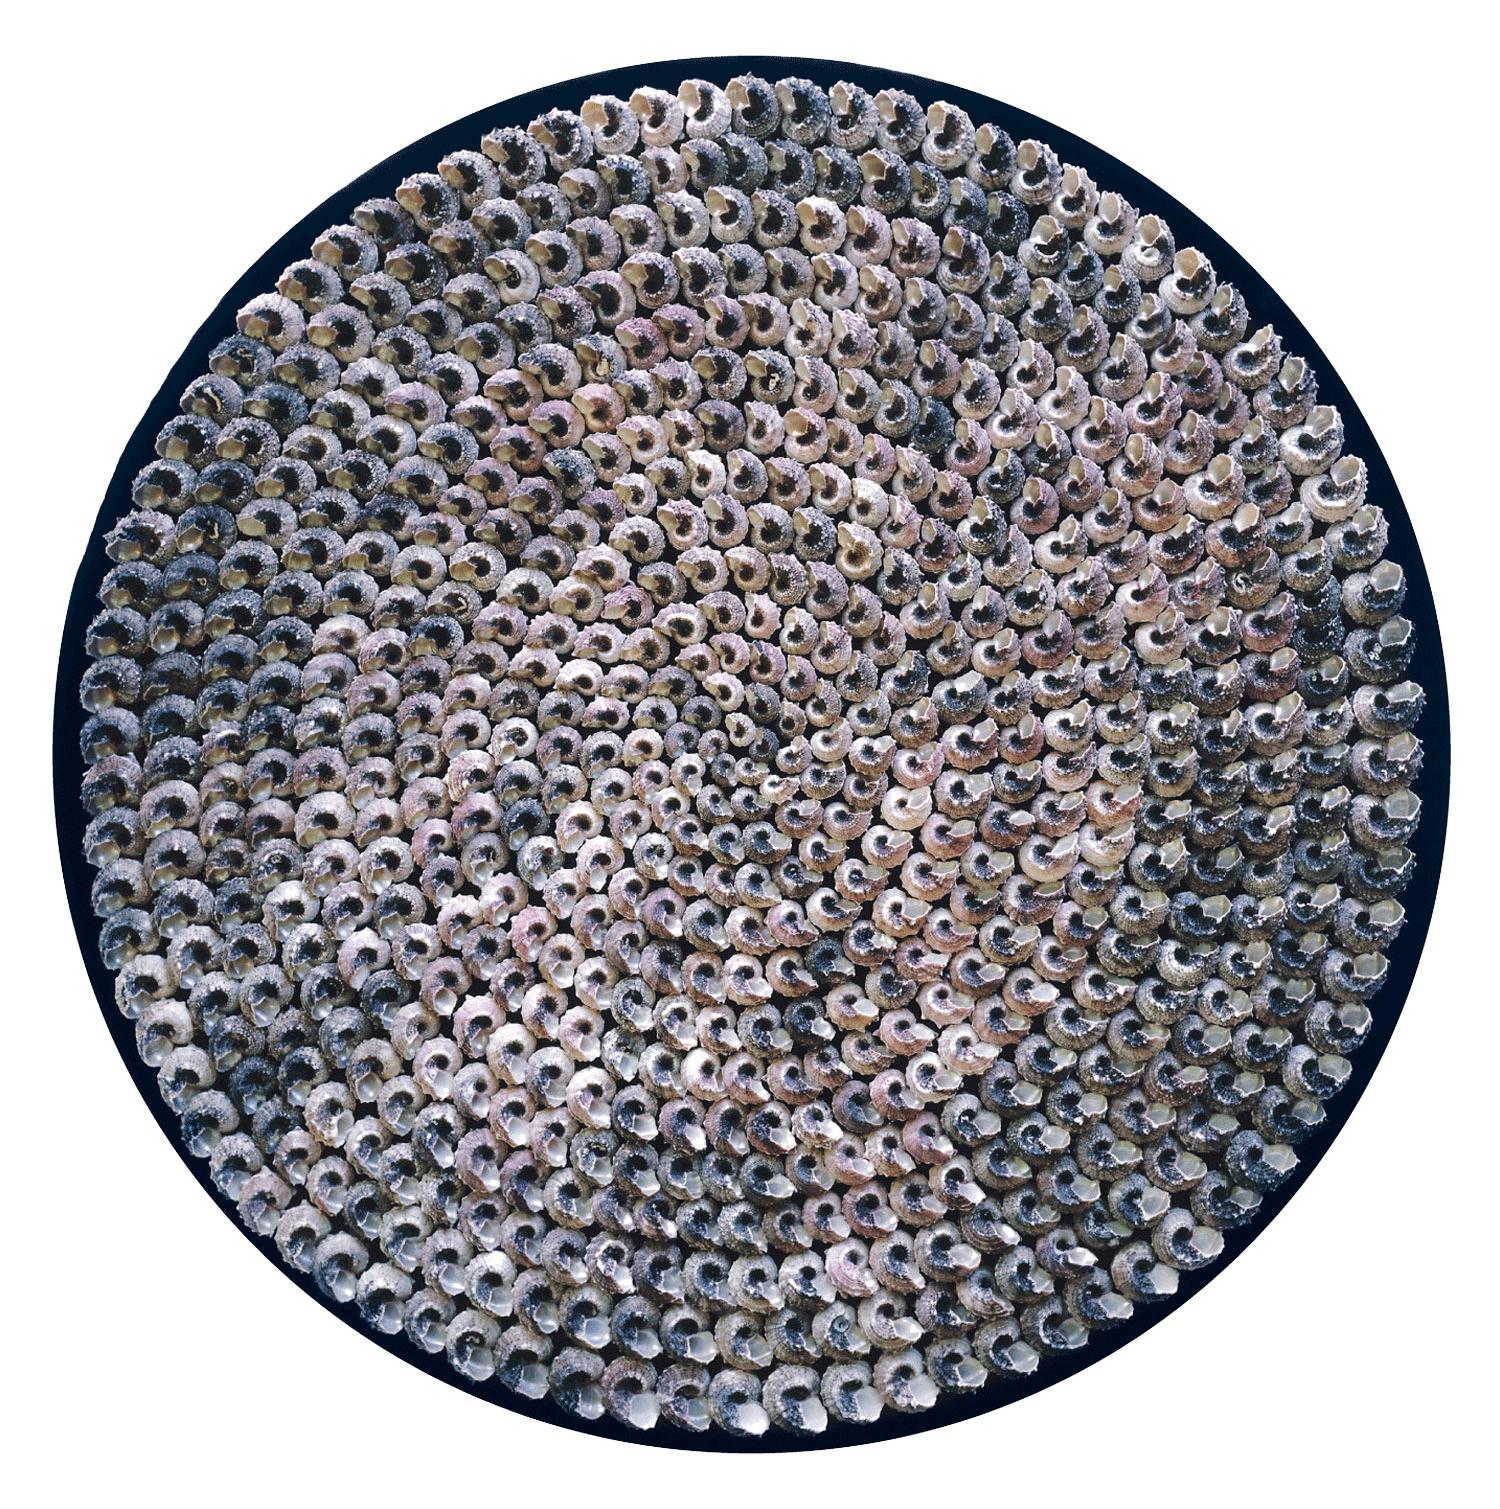 Uit de serie Reflectie: wandobject met honderden Angaria slakkenhuizen op zijden fluweel. Ø 97cm. Het parelmoer reflecteert het erop vallende licht.